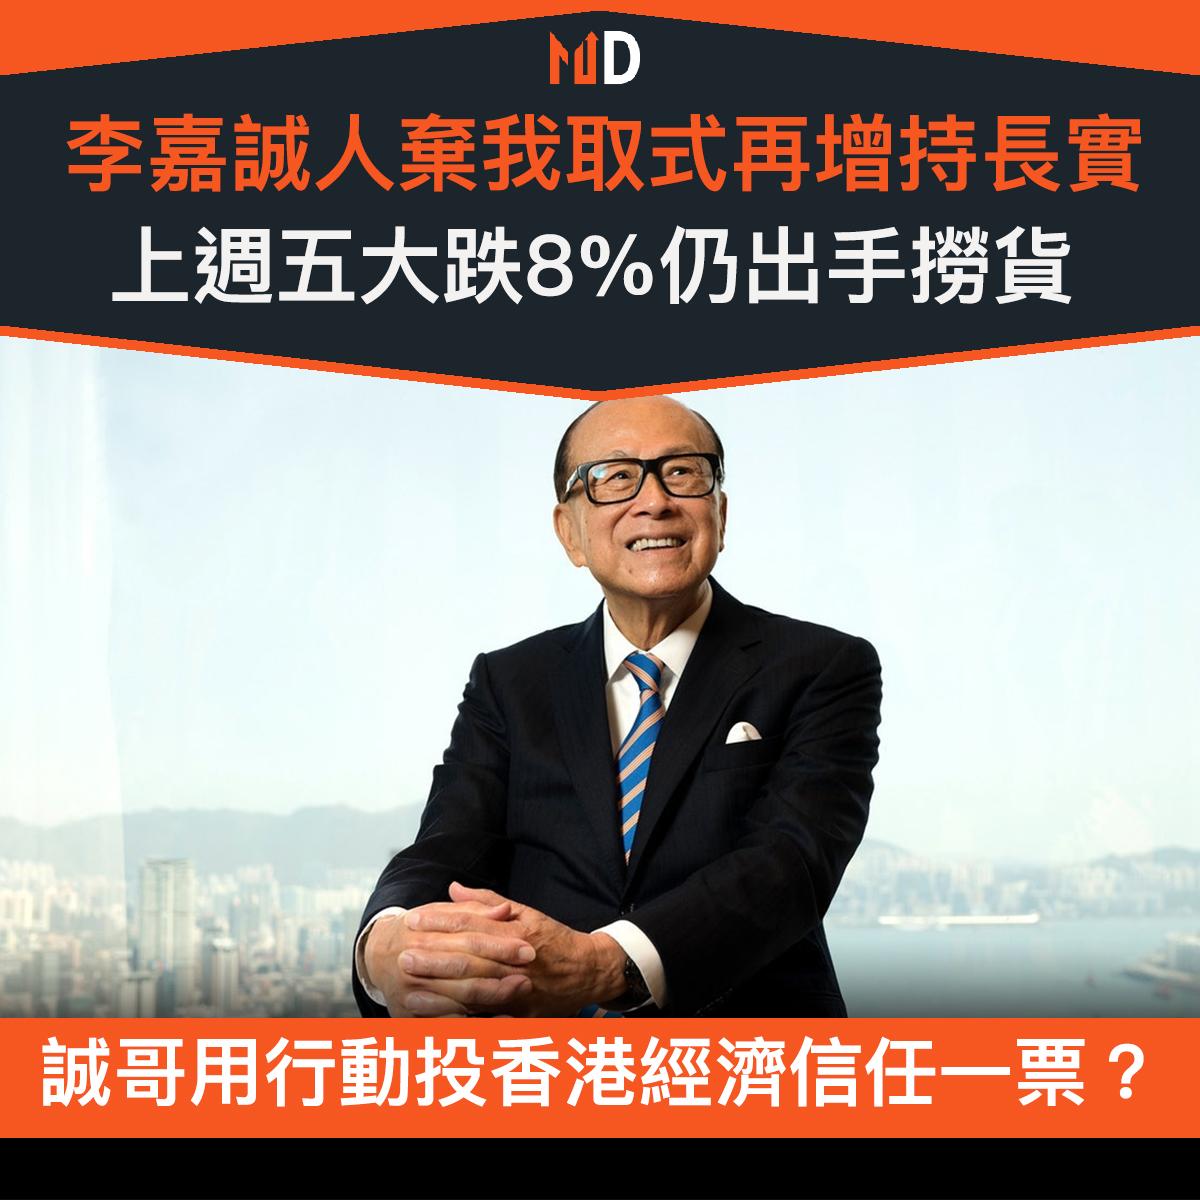 【市場熱話】李嘉誠再度增持長實446萬股,上週五大跌8%亦出手撈貨